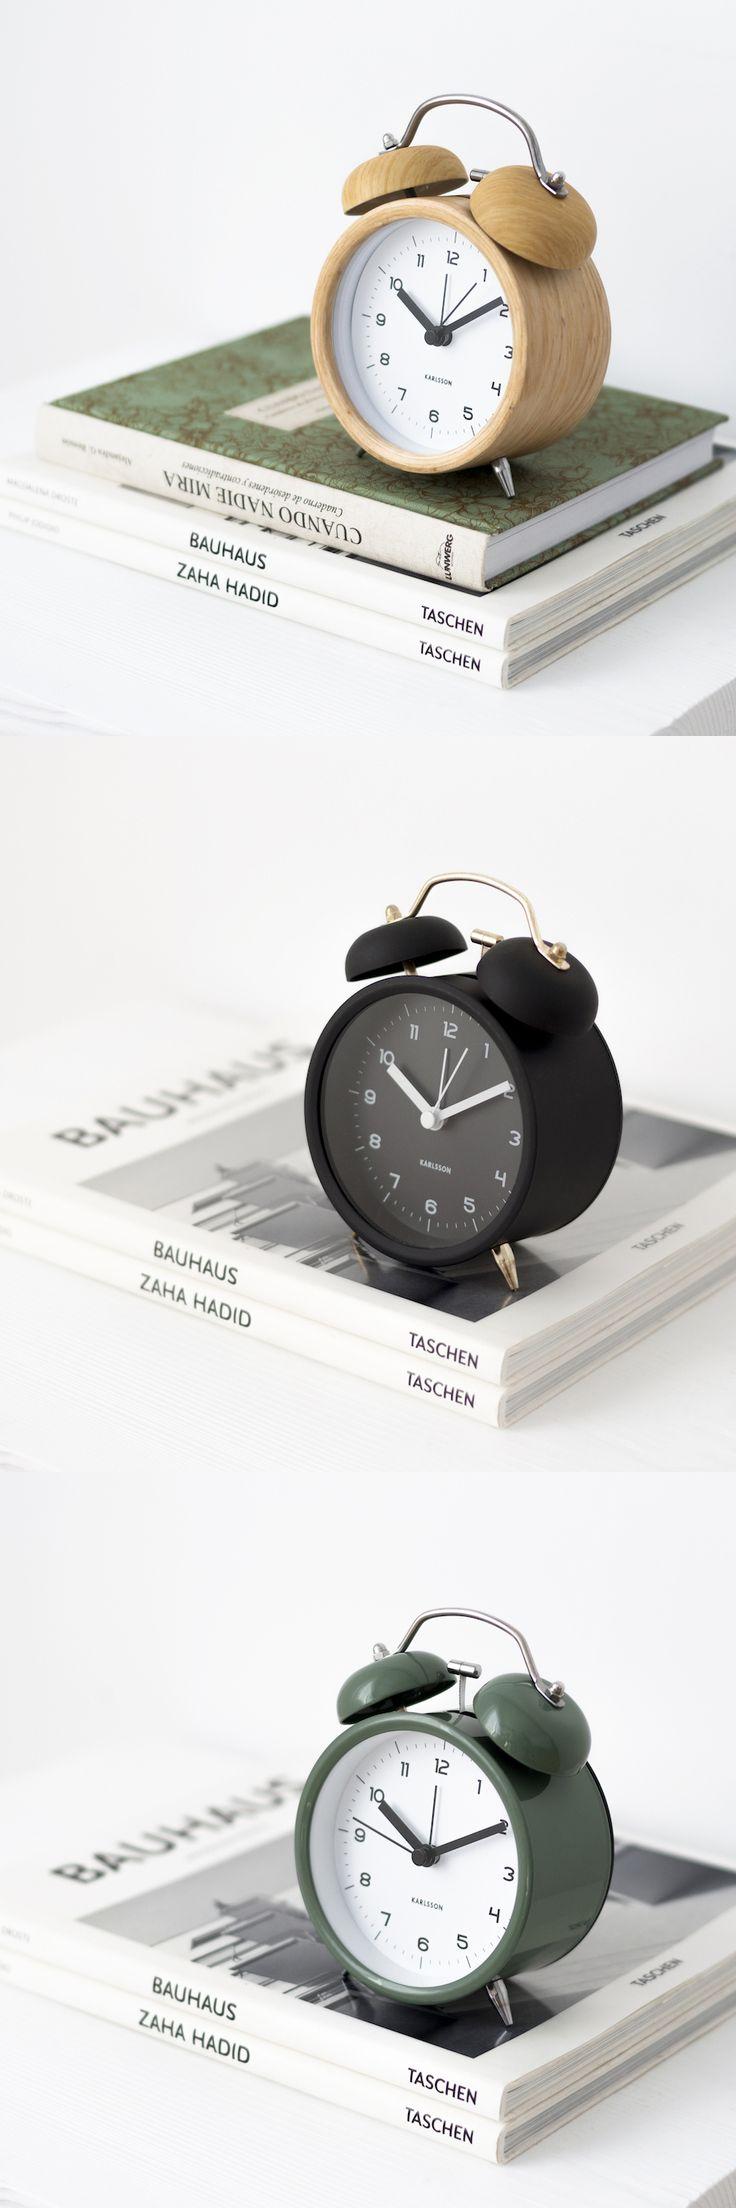 Bell, un reloj despertador con el aire clásico de siempre. Para la mesita de noche, o aquel rincón en el que siempre te hace falta mirar la hora. Disponible en cinco colores: blanco, negro, azul, verde y madera #kenayhome #deco